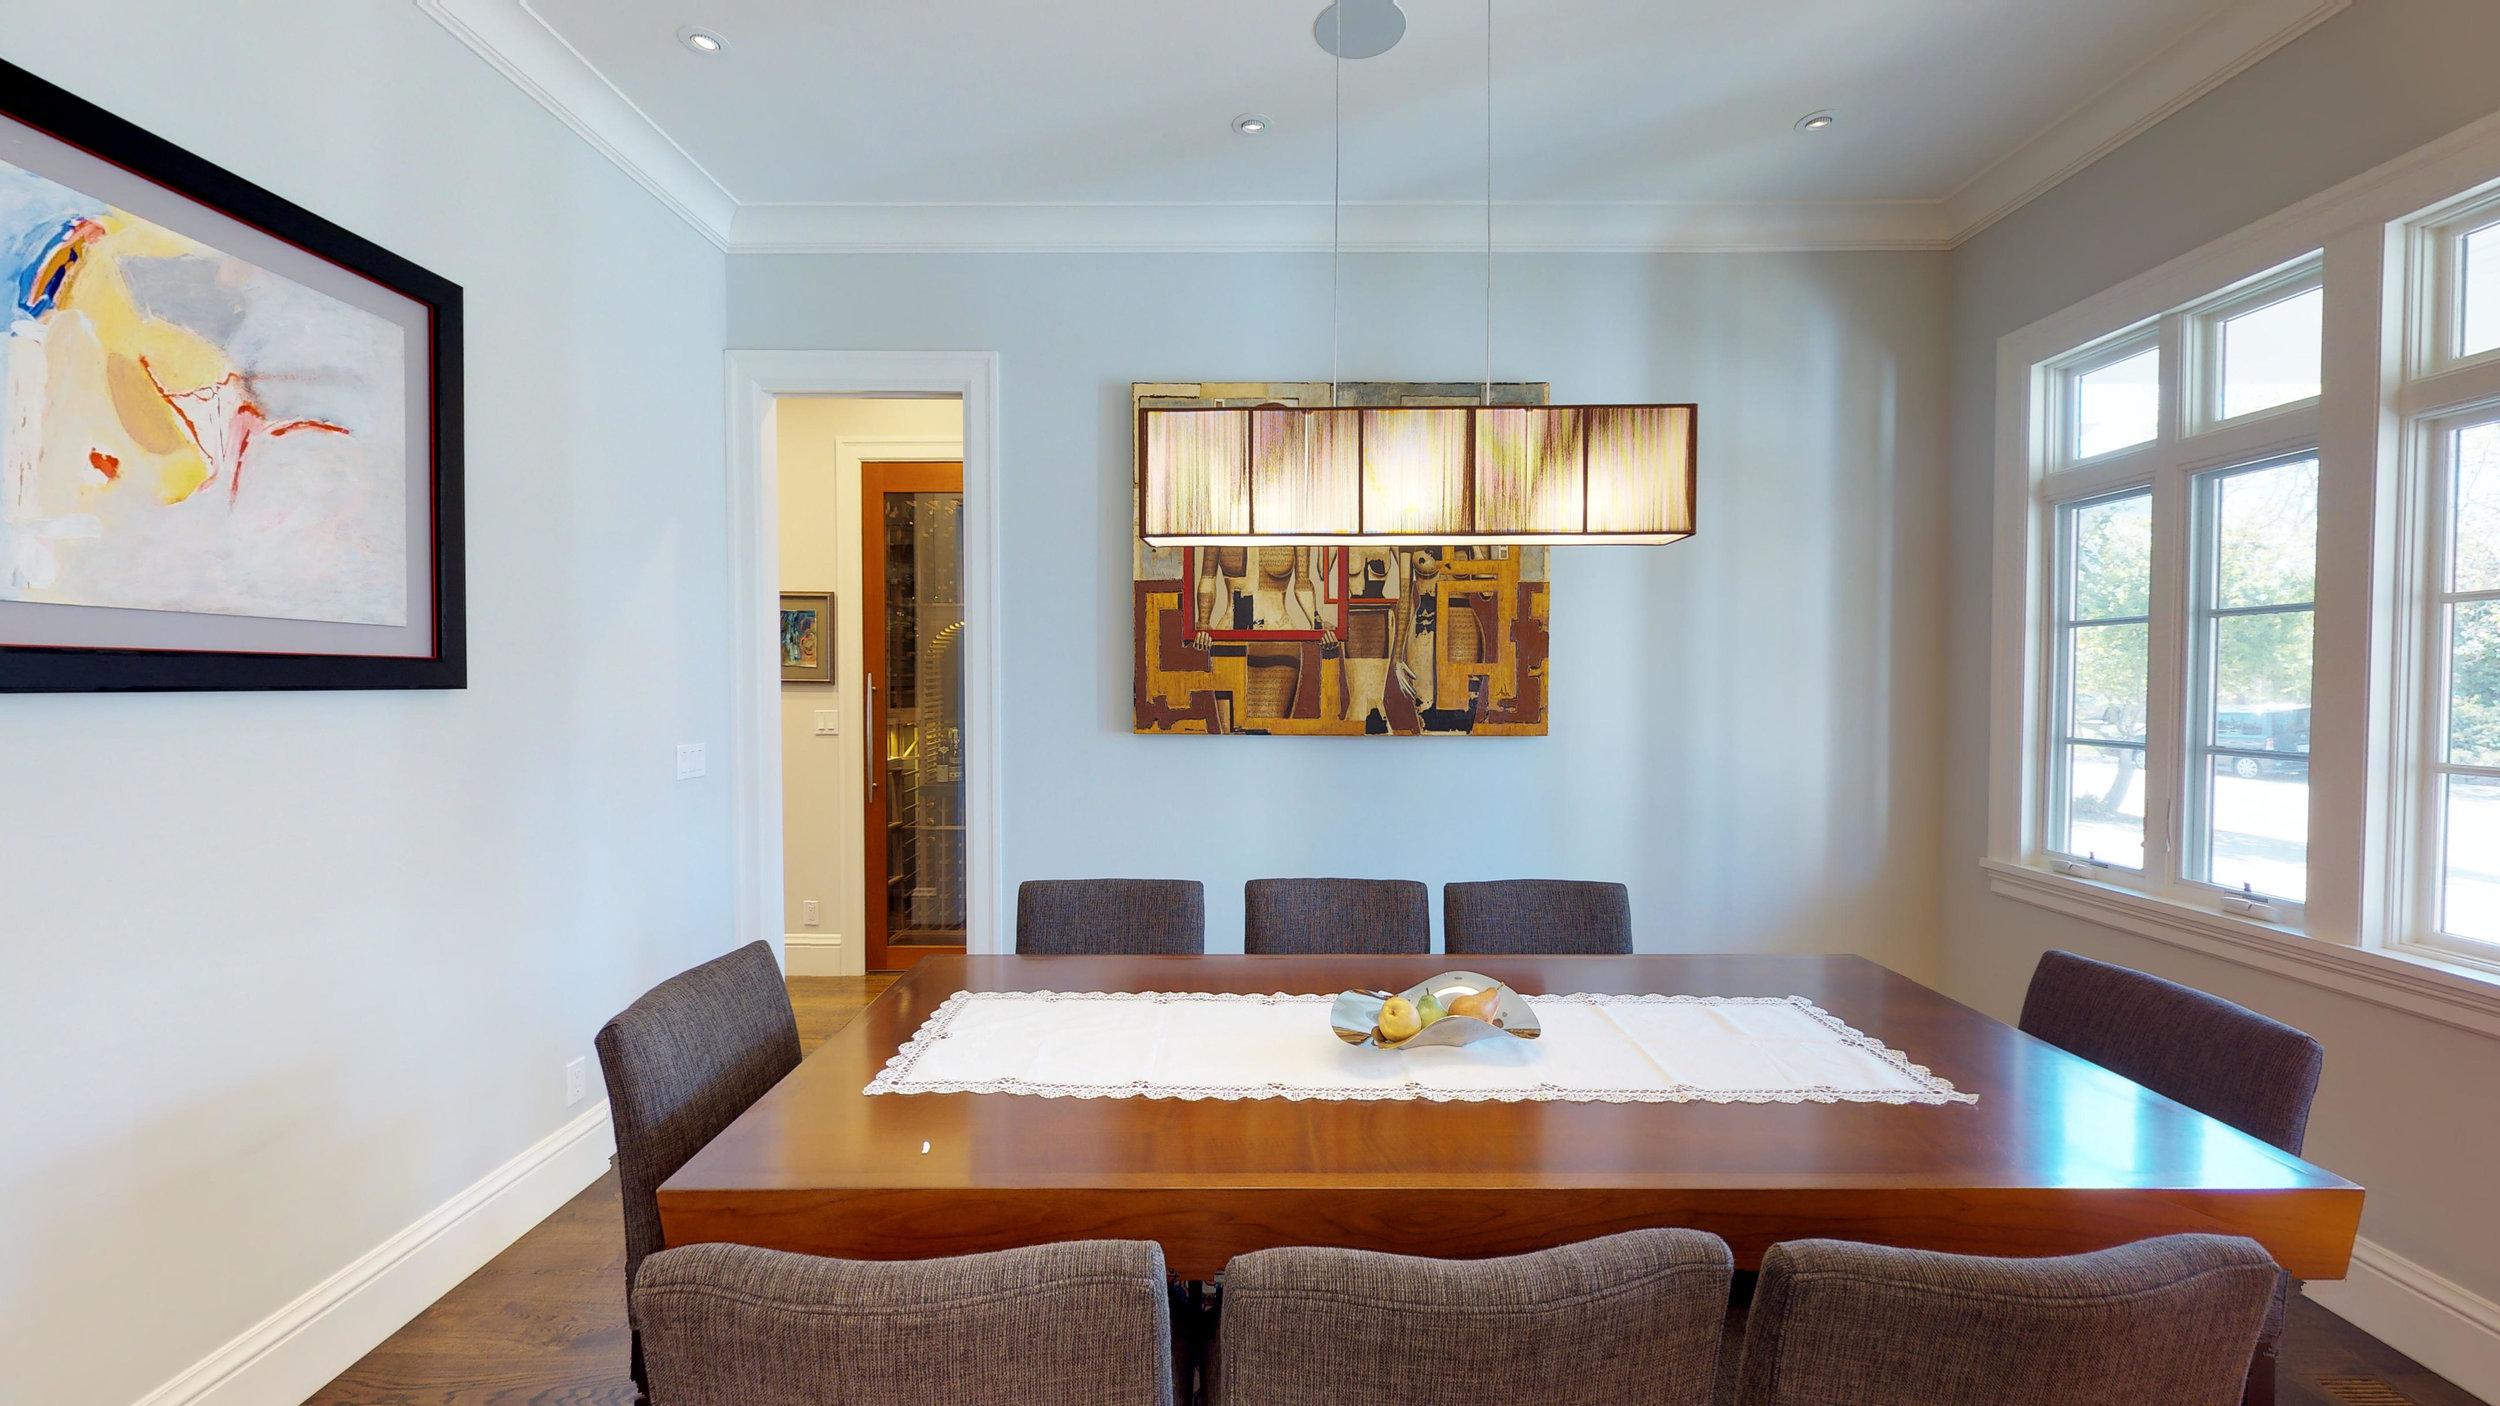 7 - Dining Room.jpg